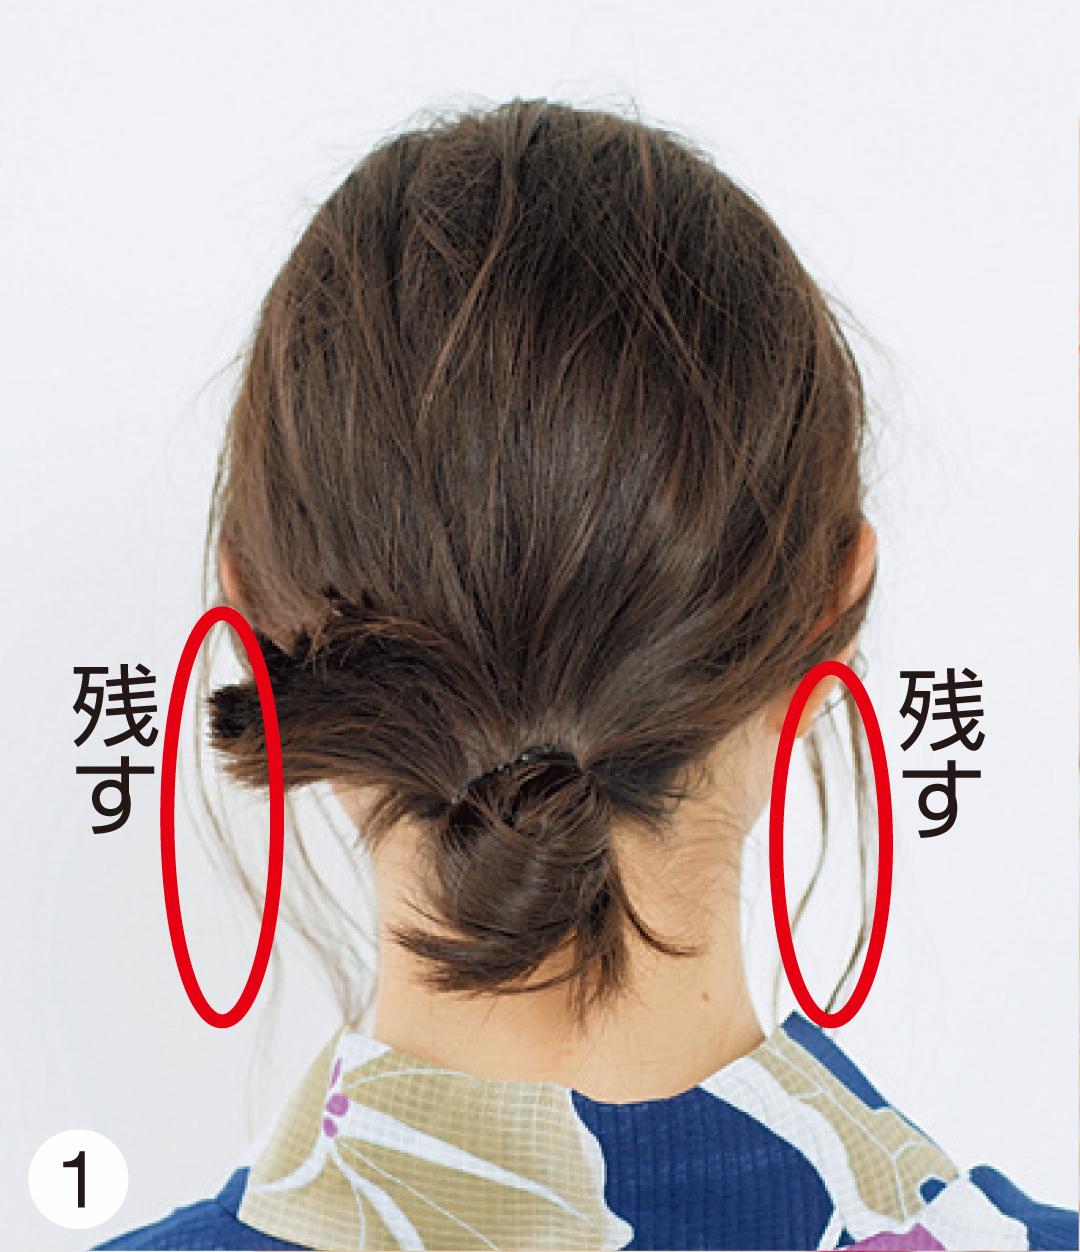 顔回りの毛束を少し残し、髪の毛全体を手ぐしでざっくりと1つに集めゴムで結ぶ。それから写真のように毛先が残るようおだんごに。